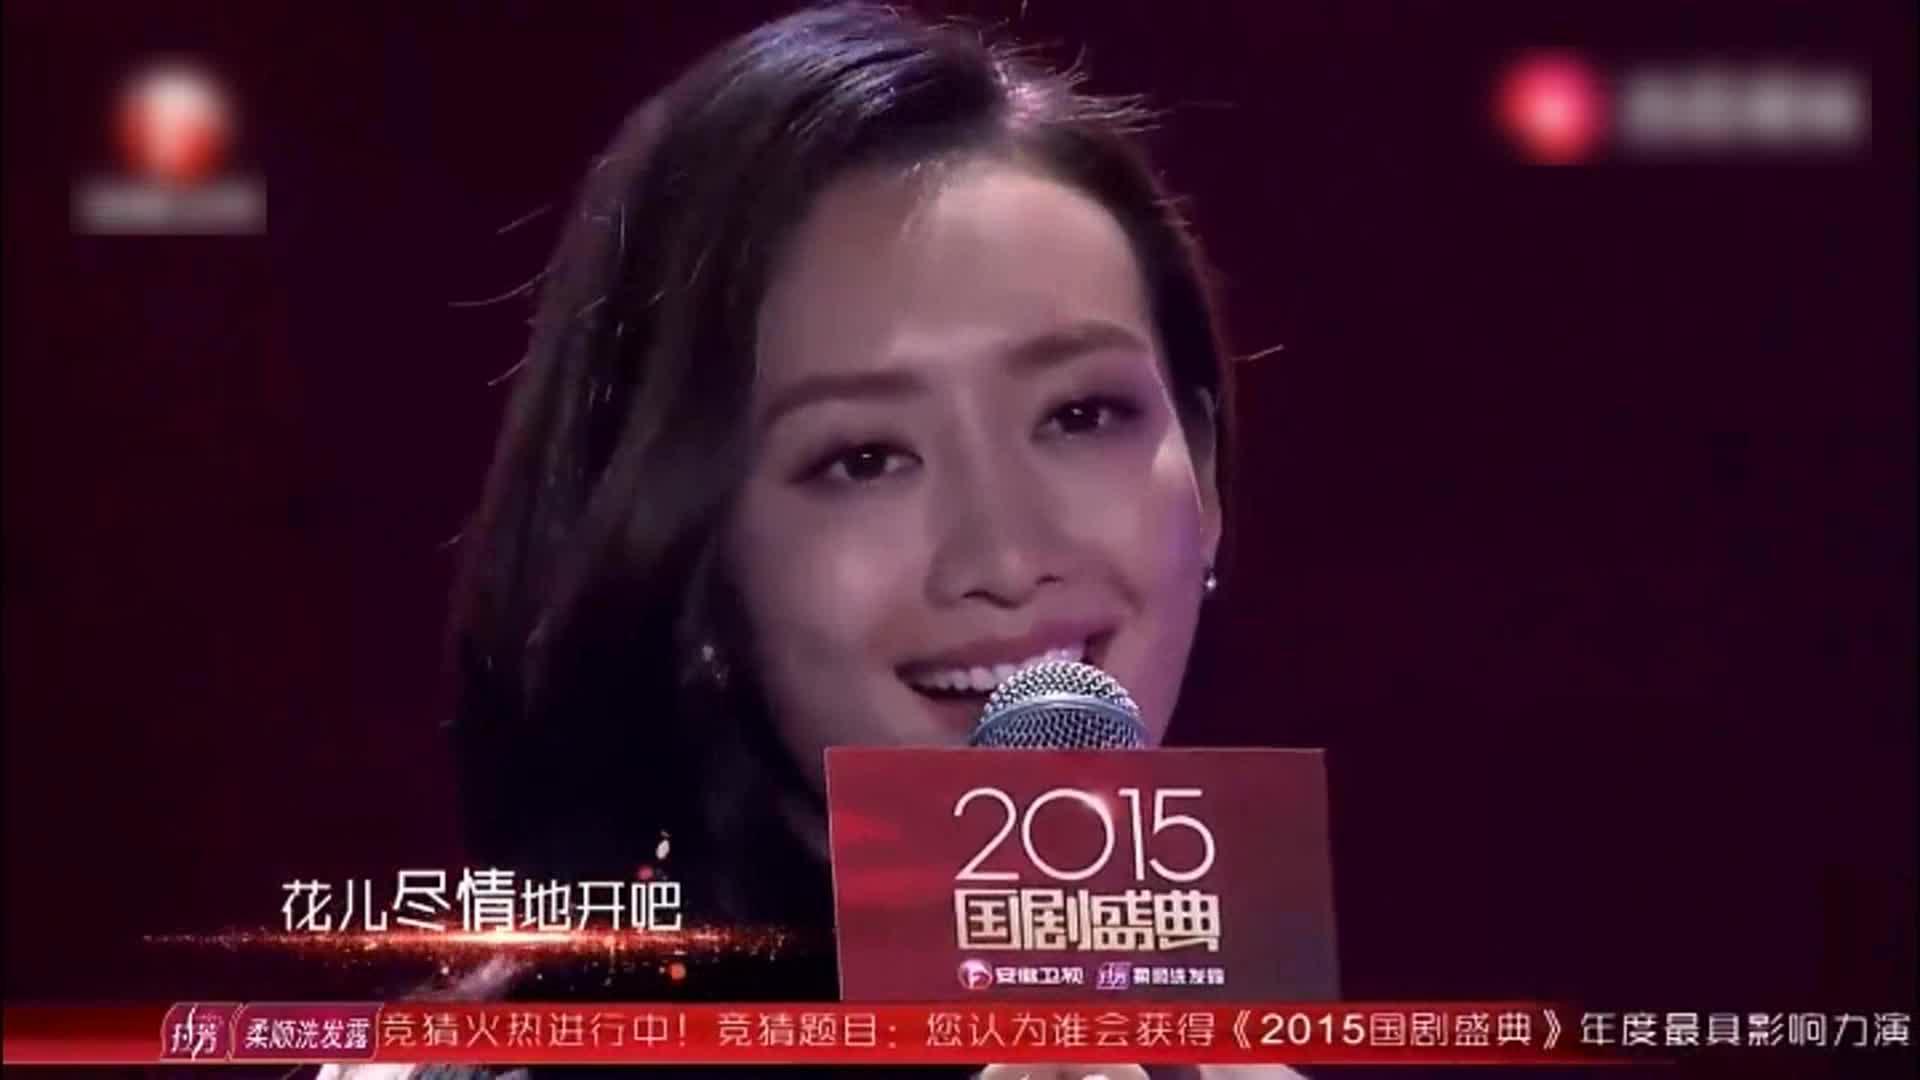 王鸥深情注视陈浩民演唱《想把我唱给你听》,身材真好!